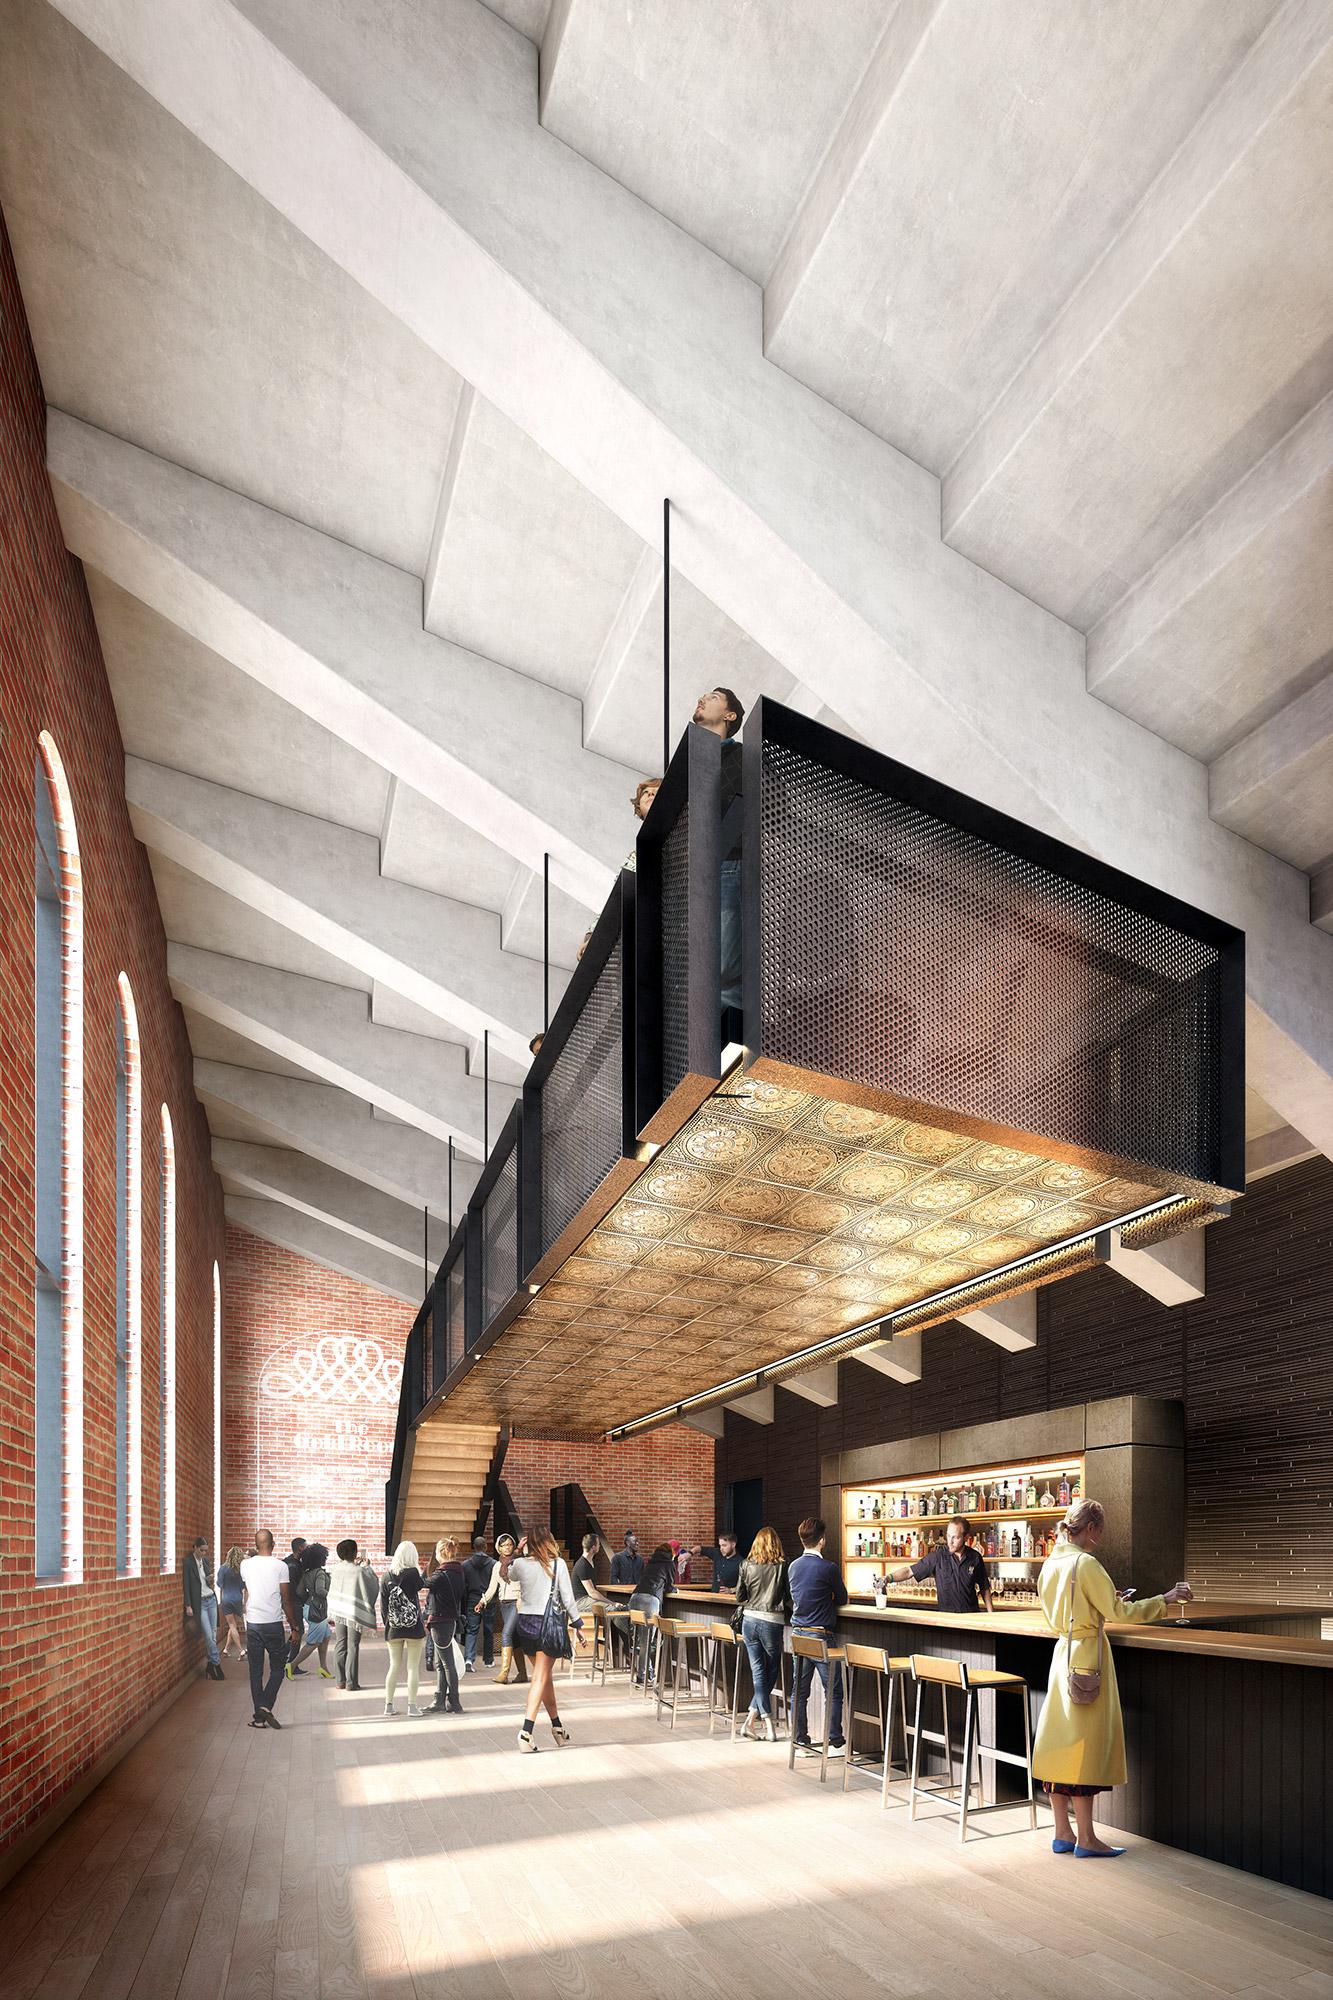 Nitehawk cinema. Think! Architecture & Design